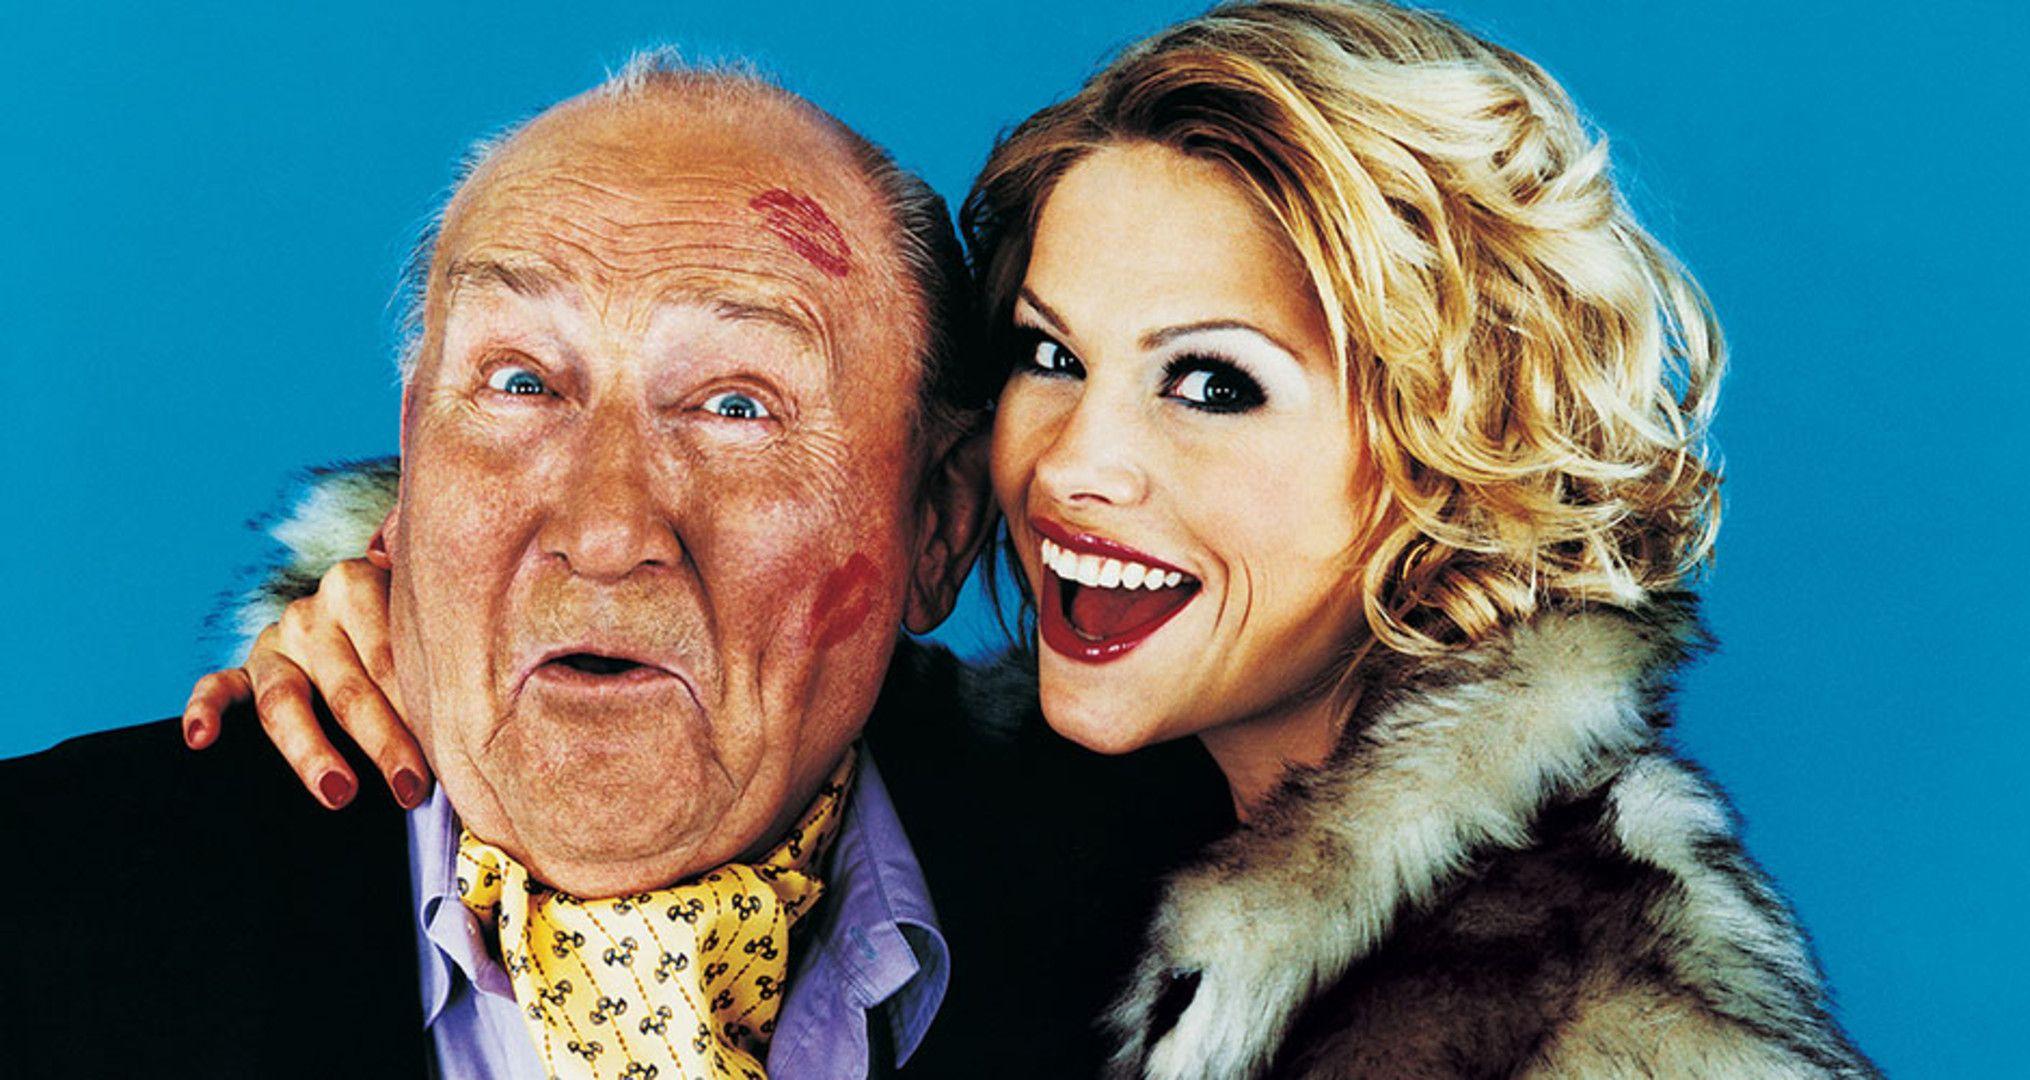 Der ideale Altersunterschied in Beziehungen! #News #Liebe